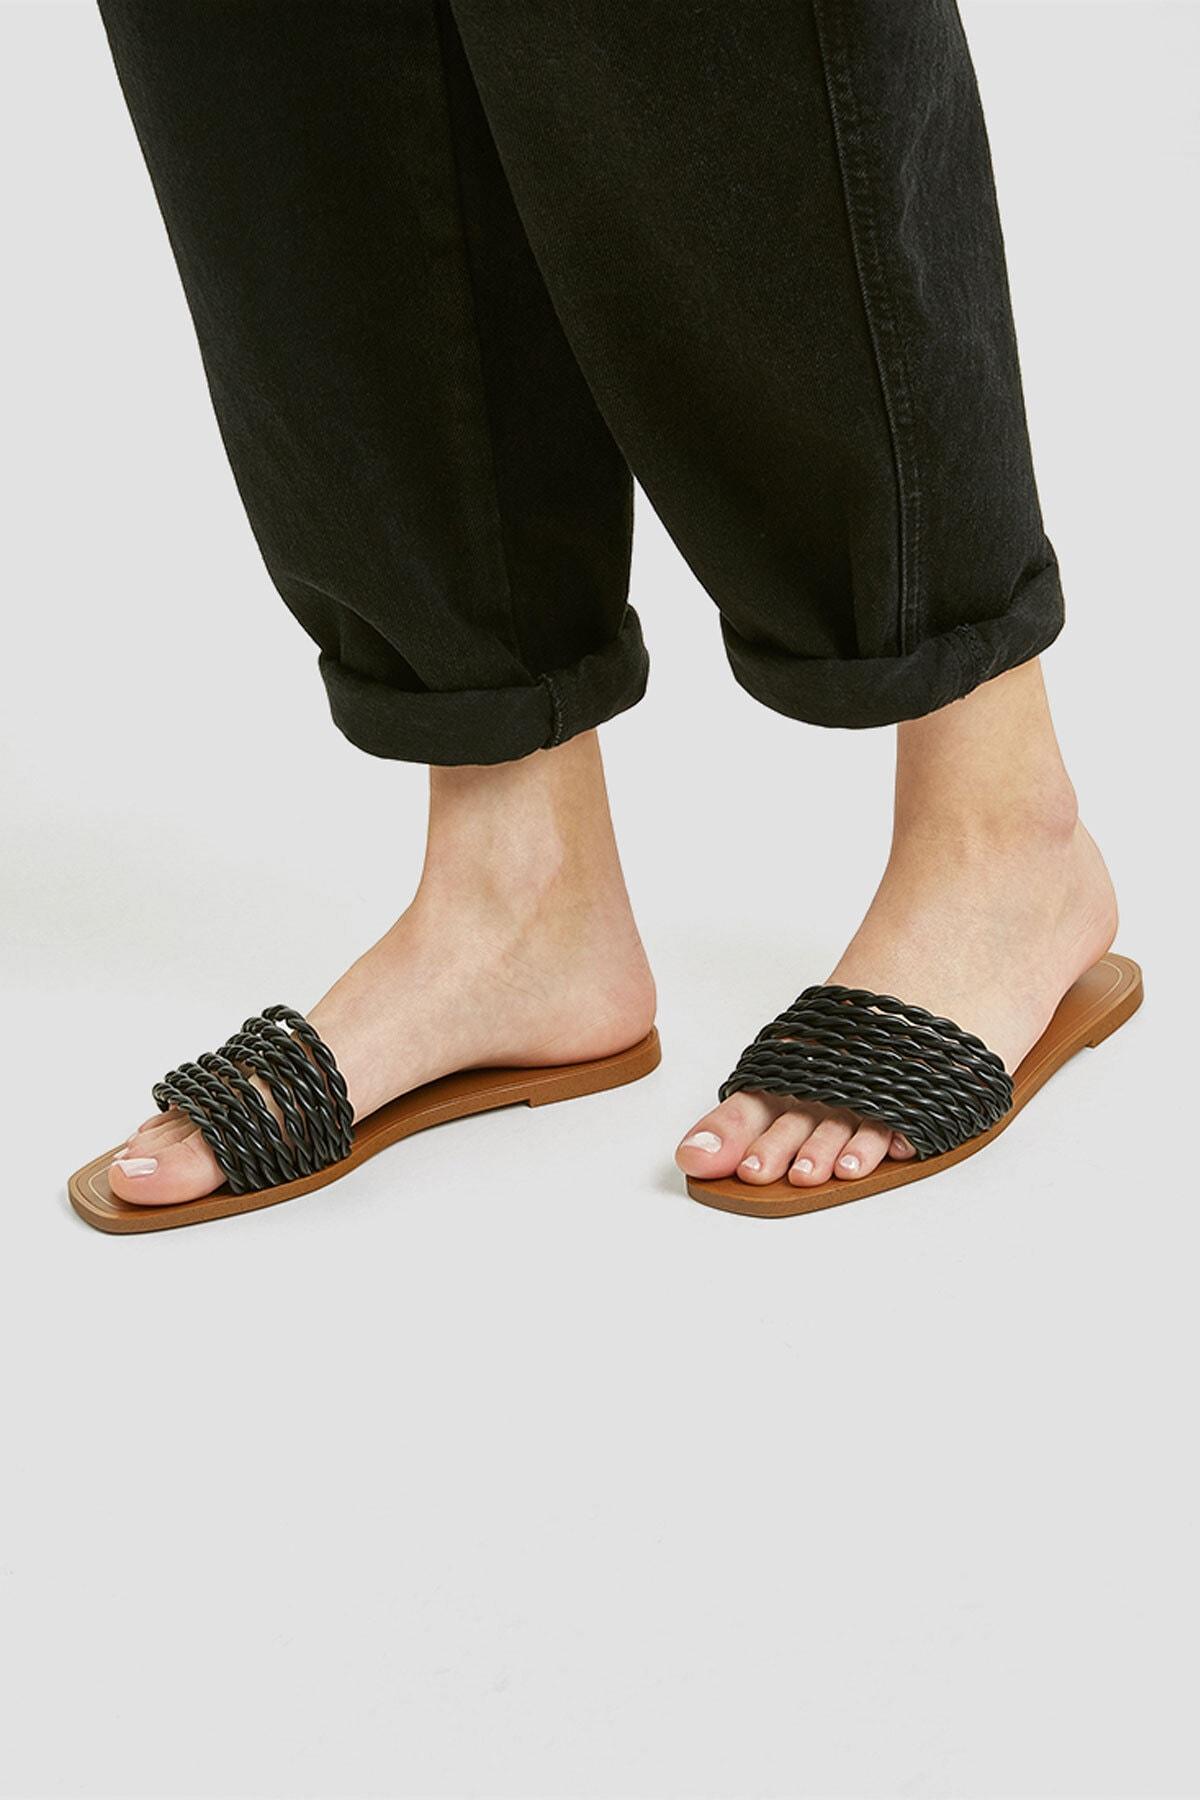 Pull & Bear Kadın Siyah Örgü Bantlı Siyah Sandalet 11557540 1